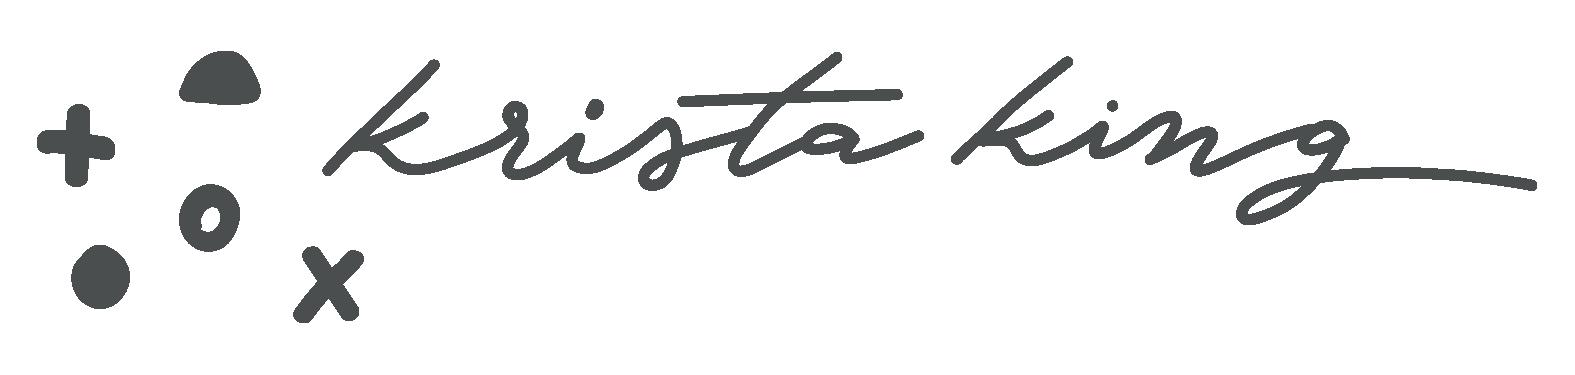 Krista King signature